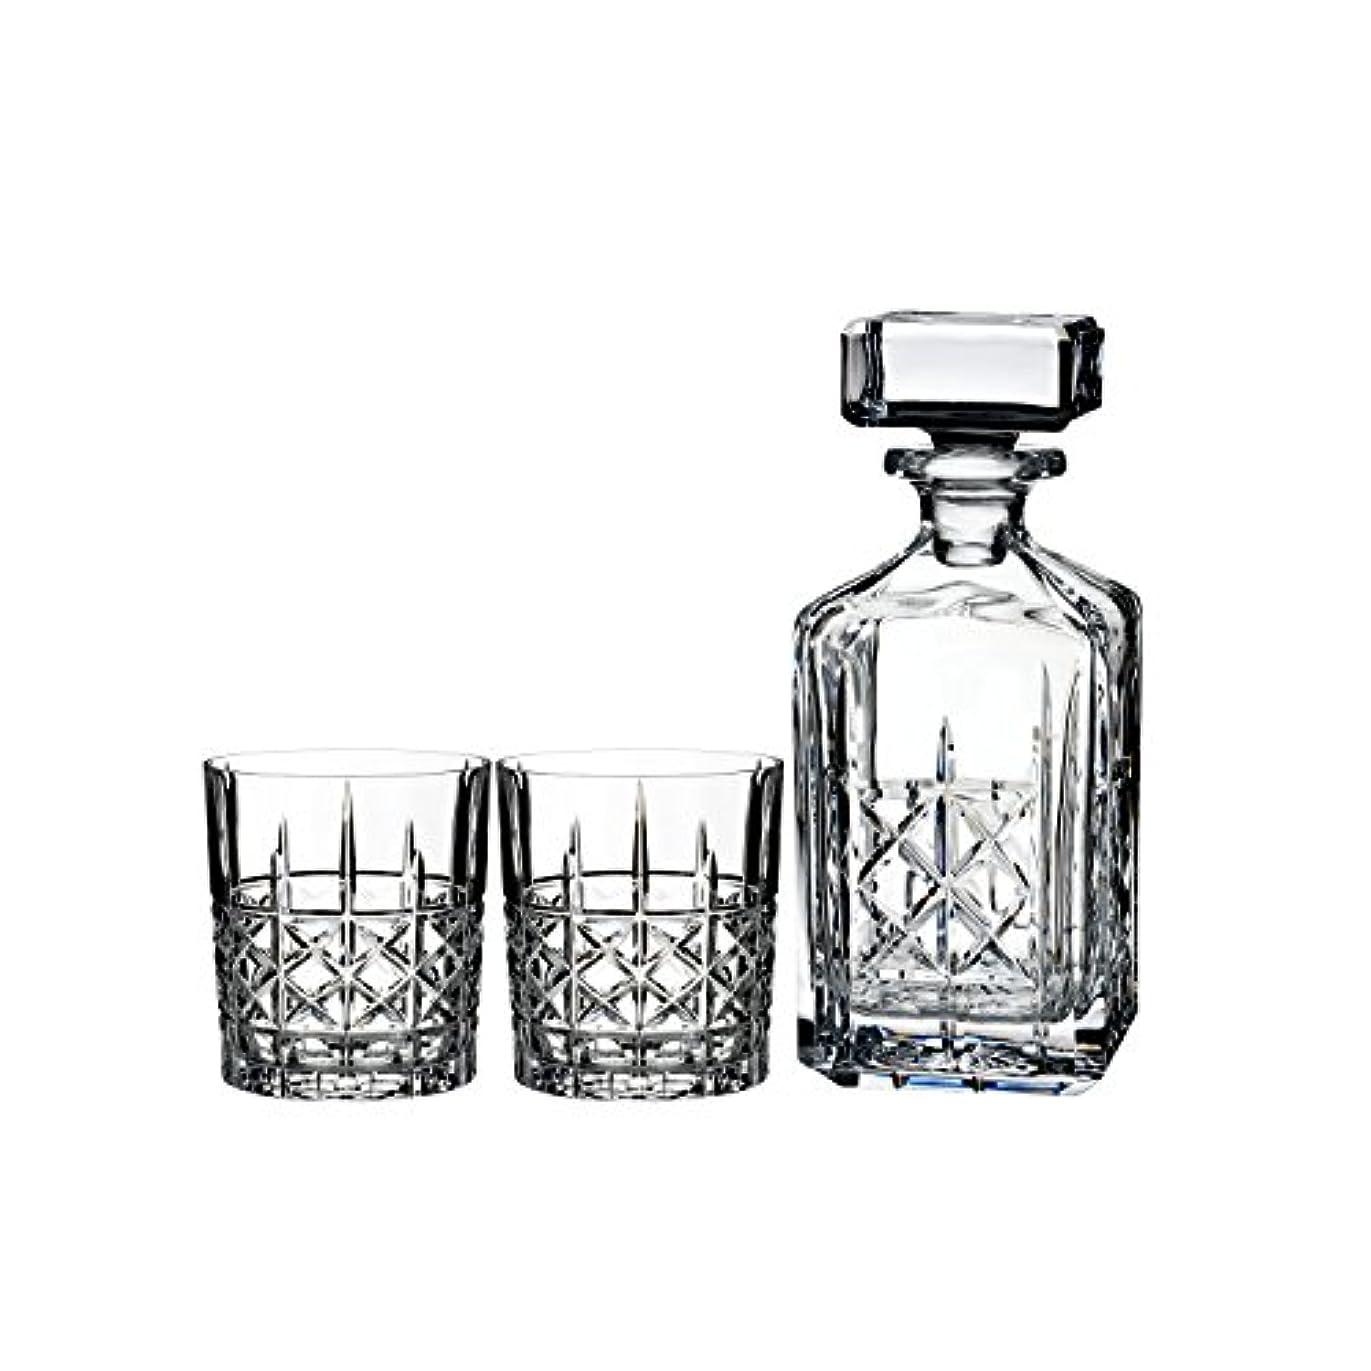 酒排出準備するMarquis by Waterford Brady Decanter Set with Two Double Old Fashioned Glasses by Waterford